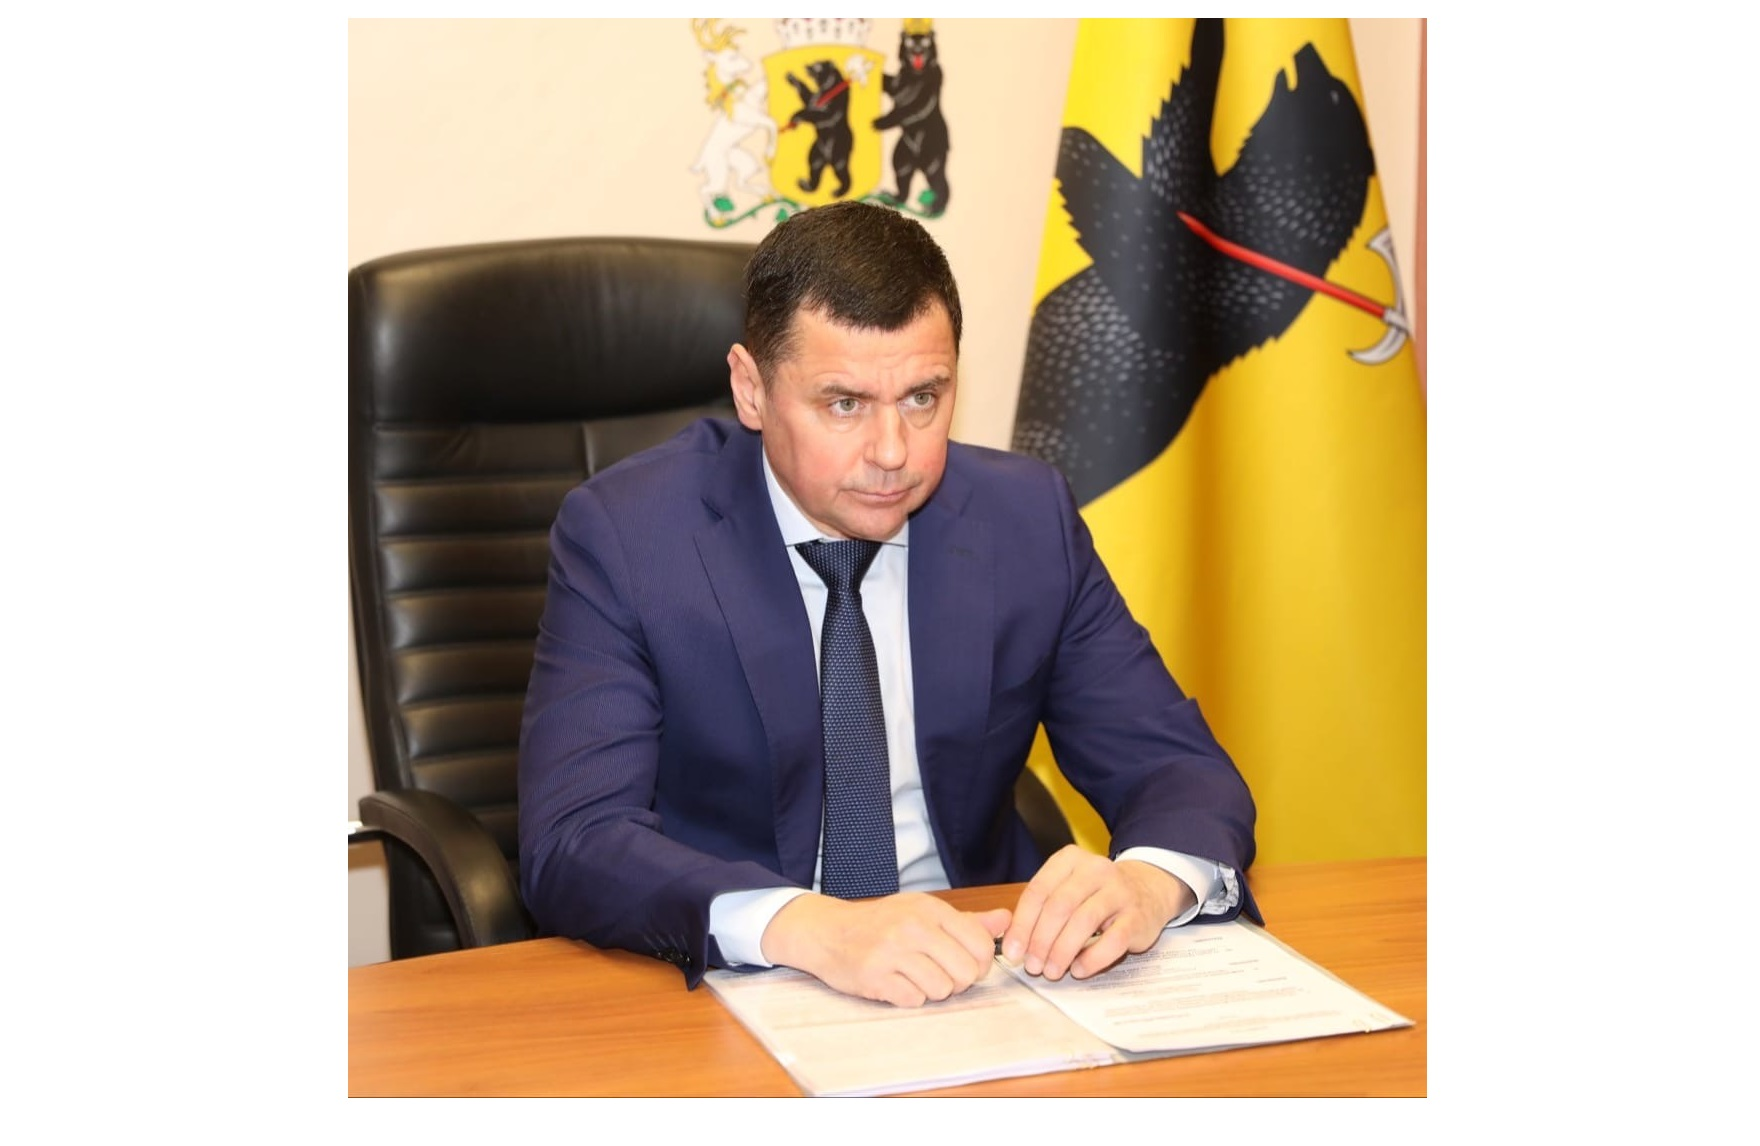 Дмитрий Миронов: к декабрю количество тестов на коронавирус в регионе доведут до 3,5 тысячи в сутки